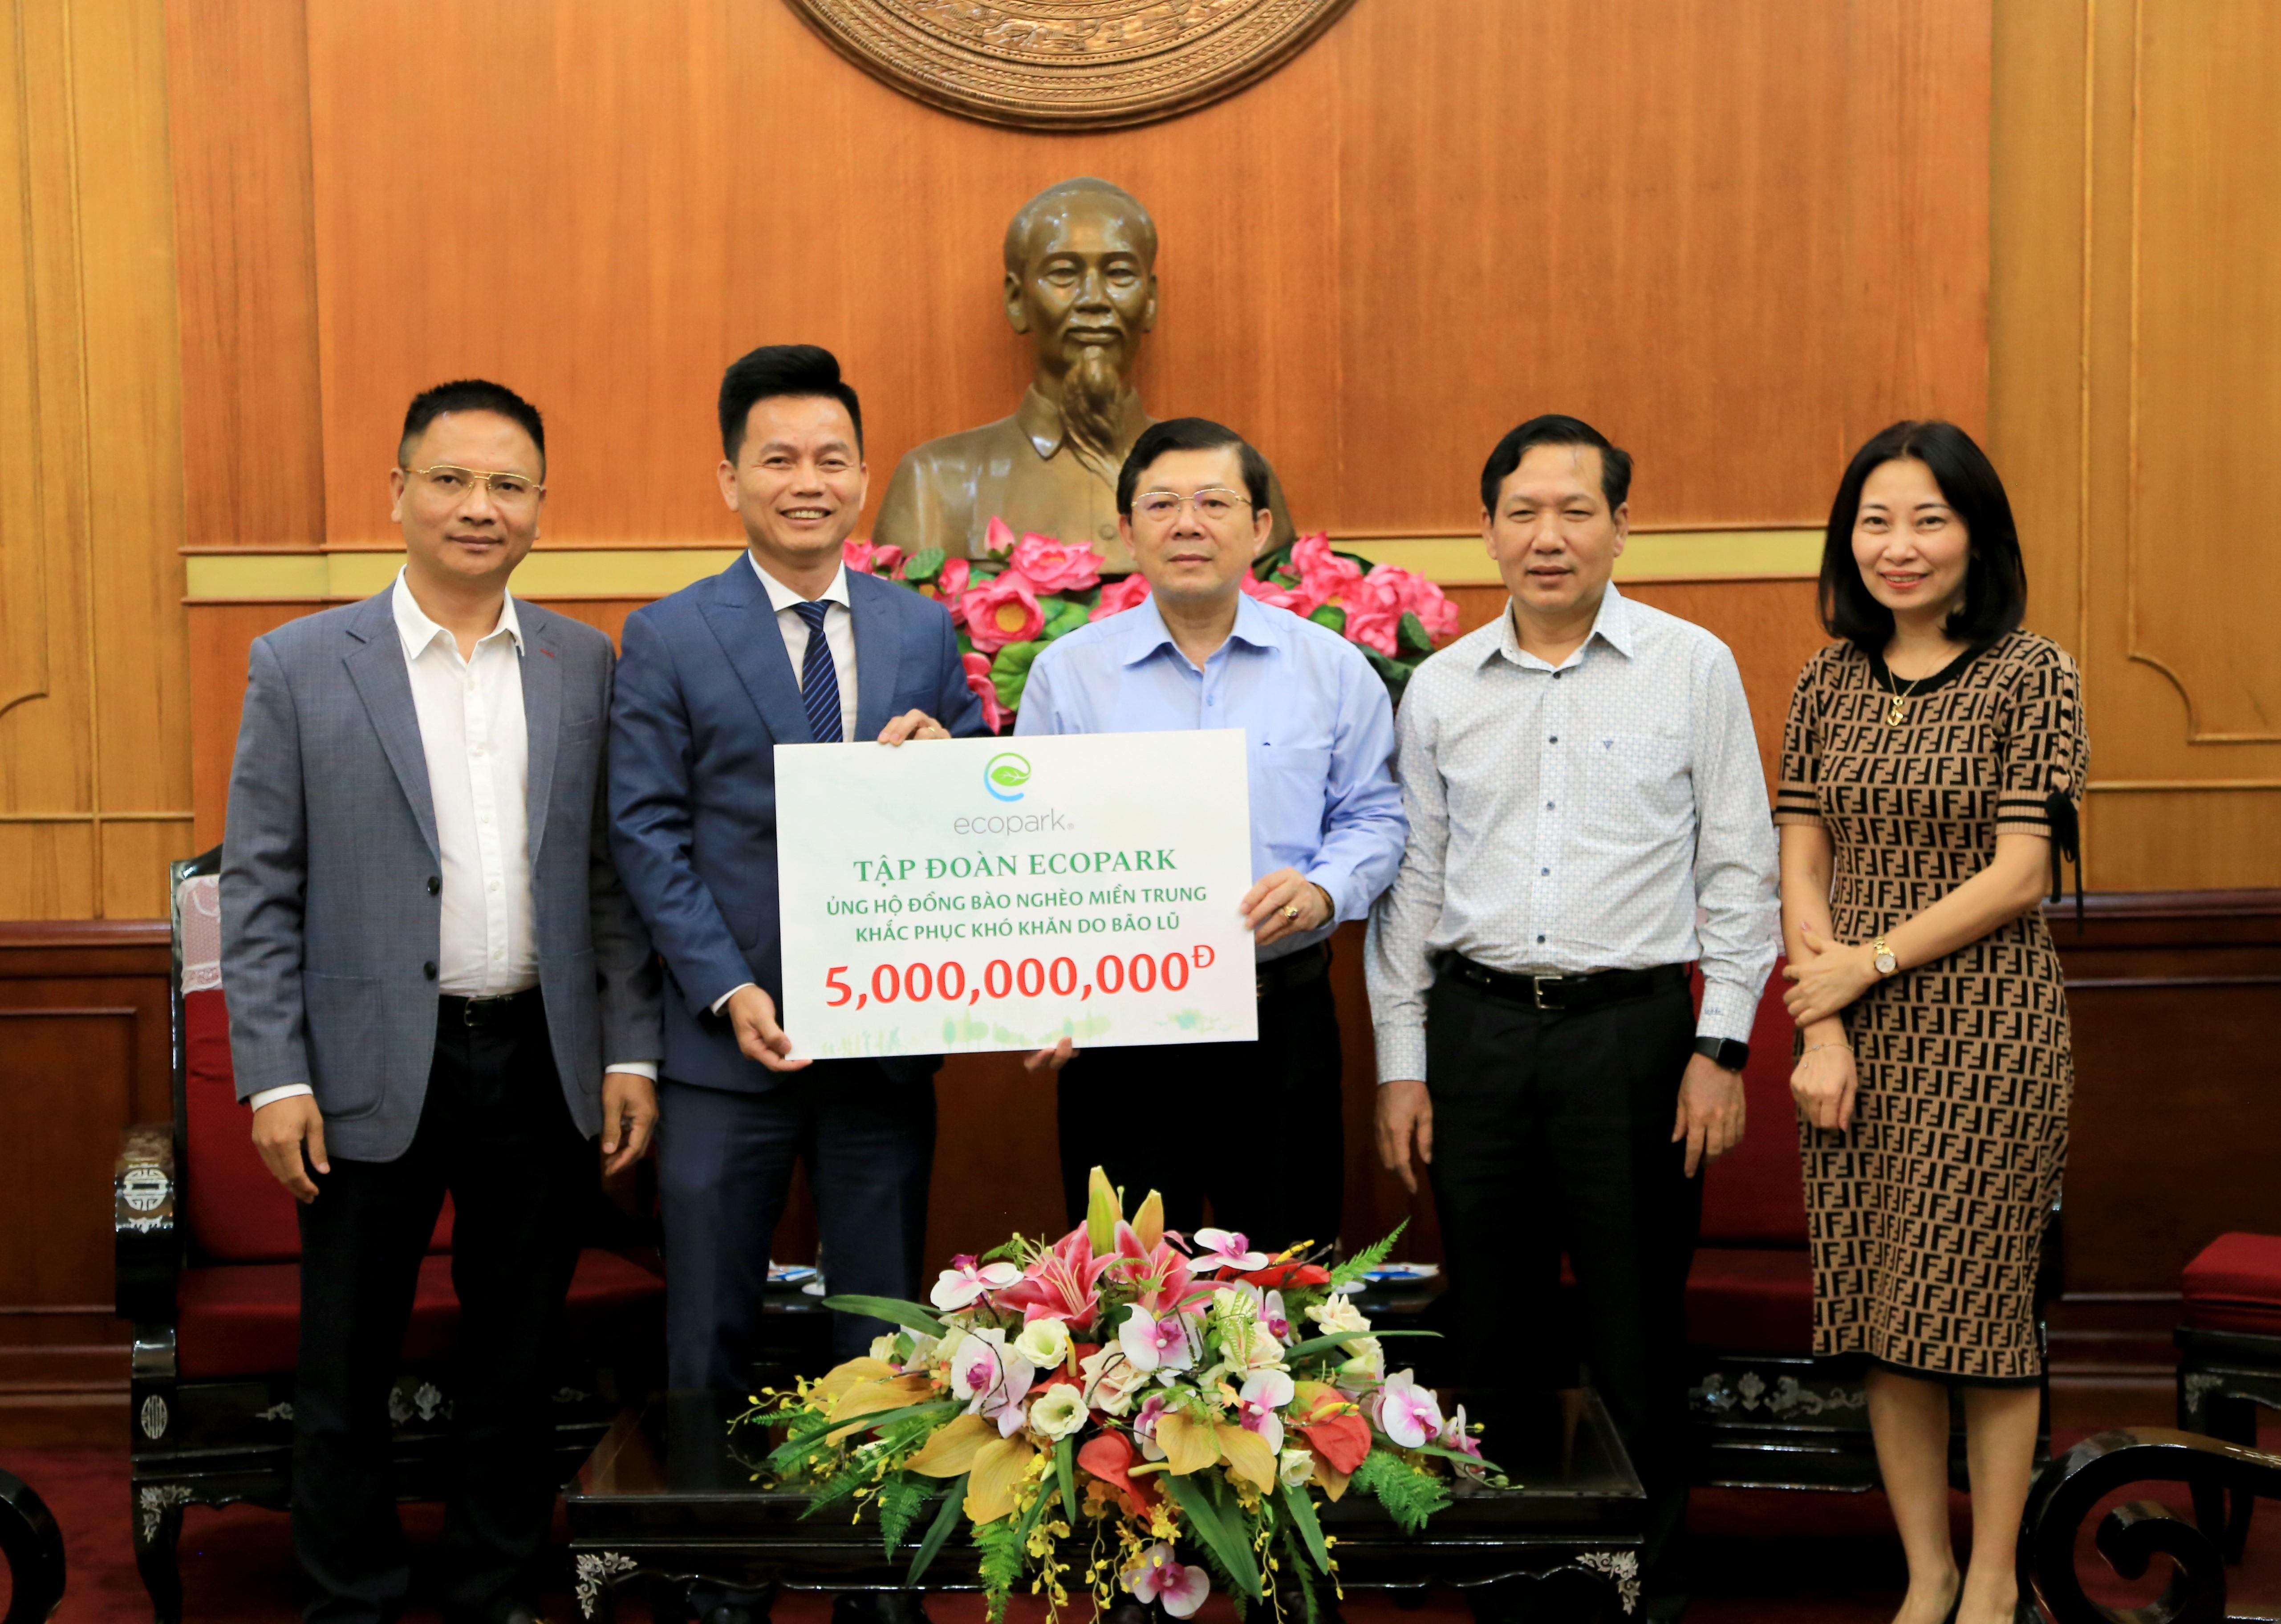 Ông Trần Quốc Việt, Tổng Giám đốc Tập đoàn Ecopark (bên trái) trao tượng trưng số tiền hỗ trợ cho đồng bào miền Trung cho Phó Chủ tịch UBTƯ MTTQ Việt Nam Nguyễn Hữu Dũng.